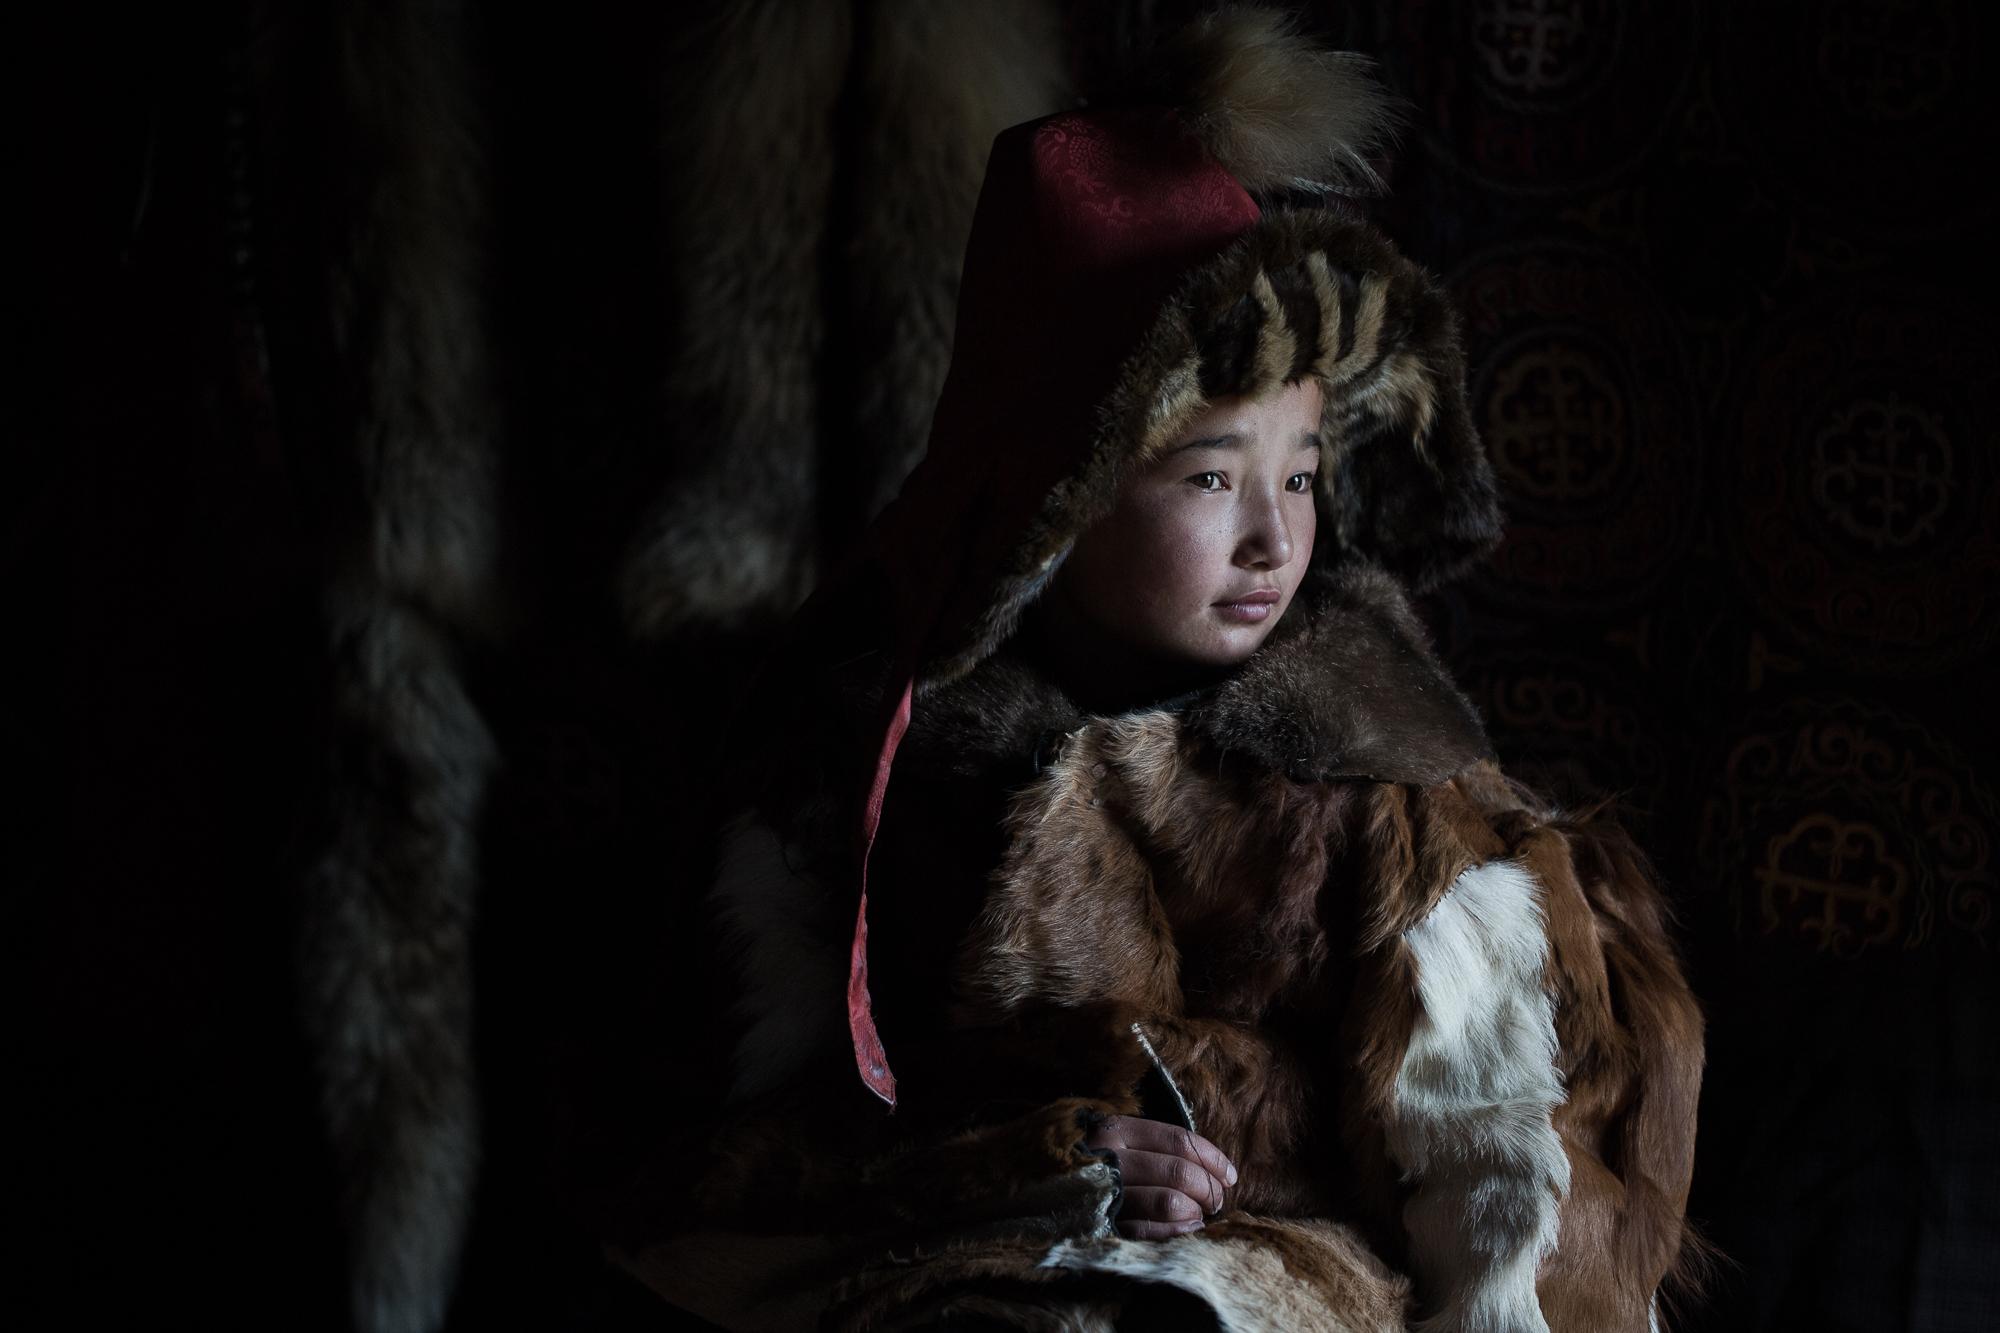 Eagle Huntress, Altai, Mongolia